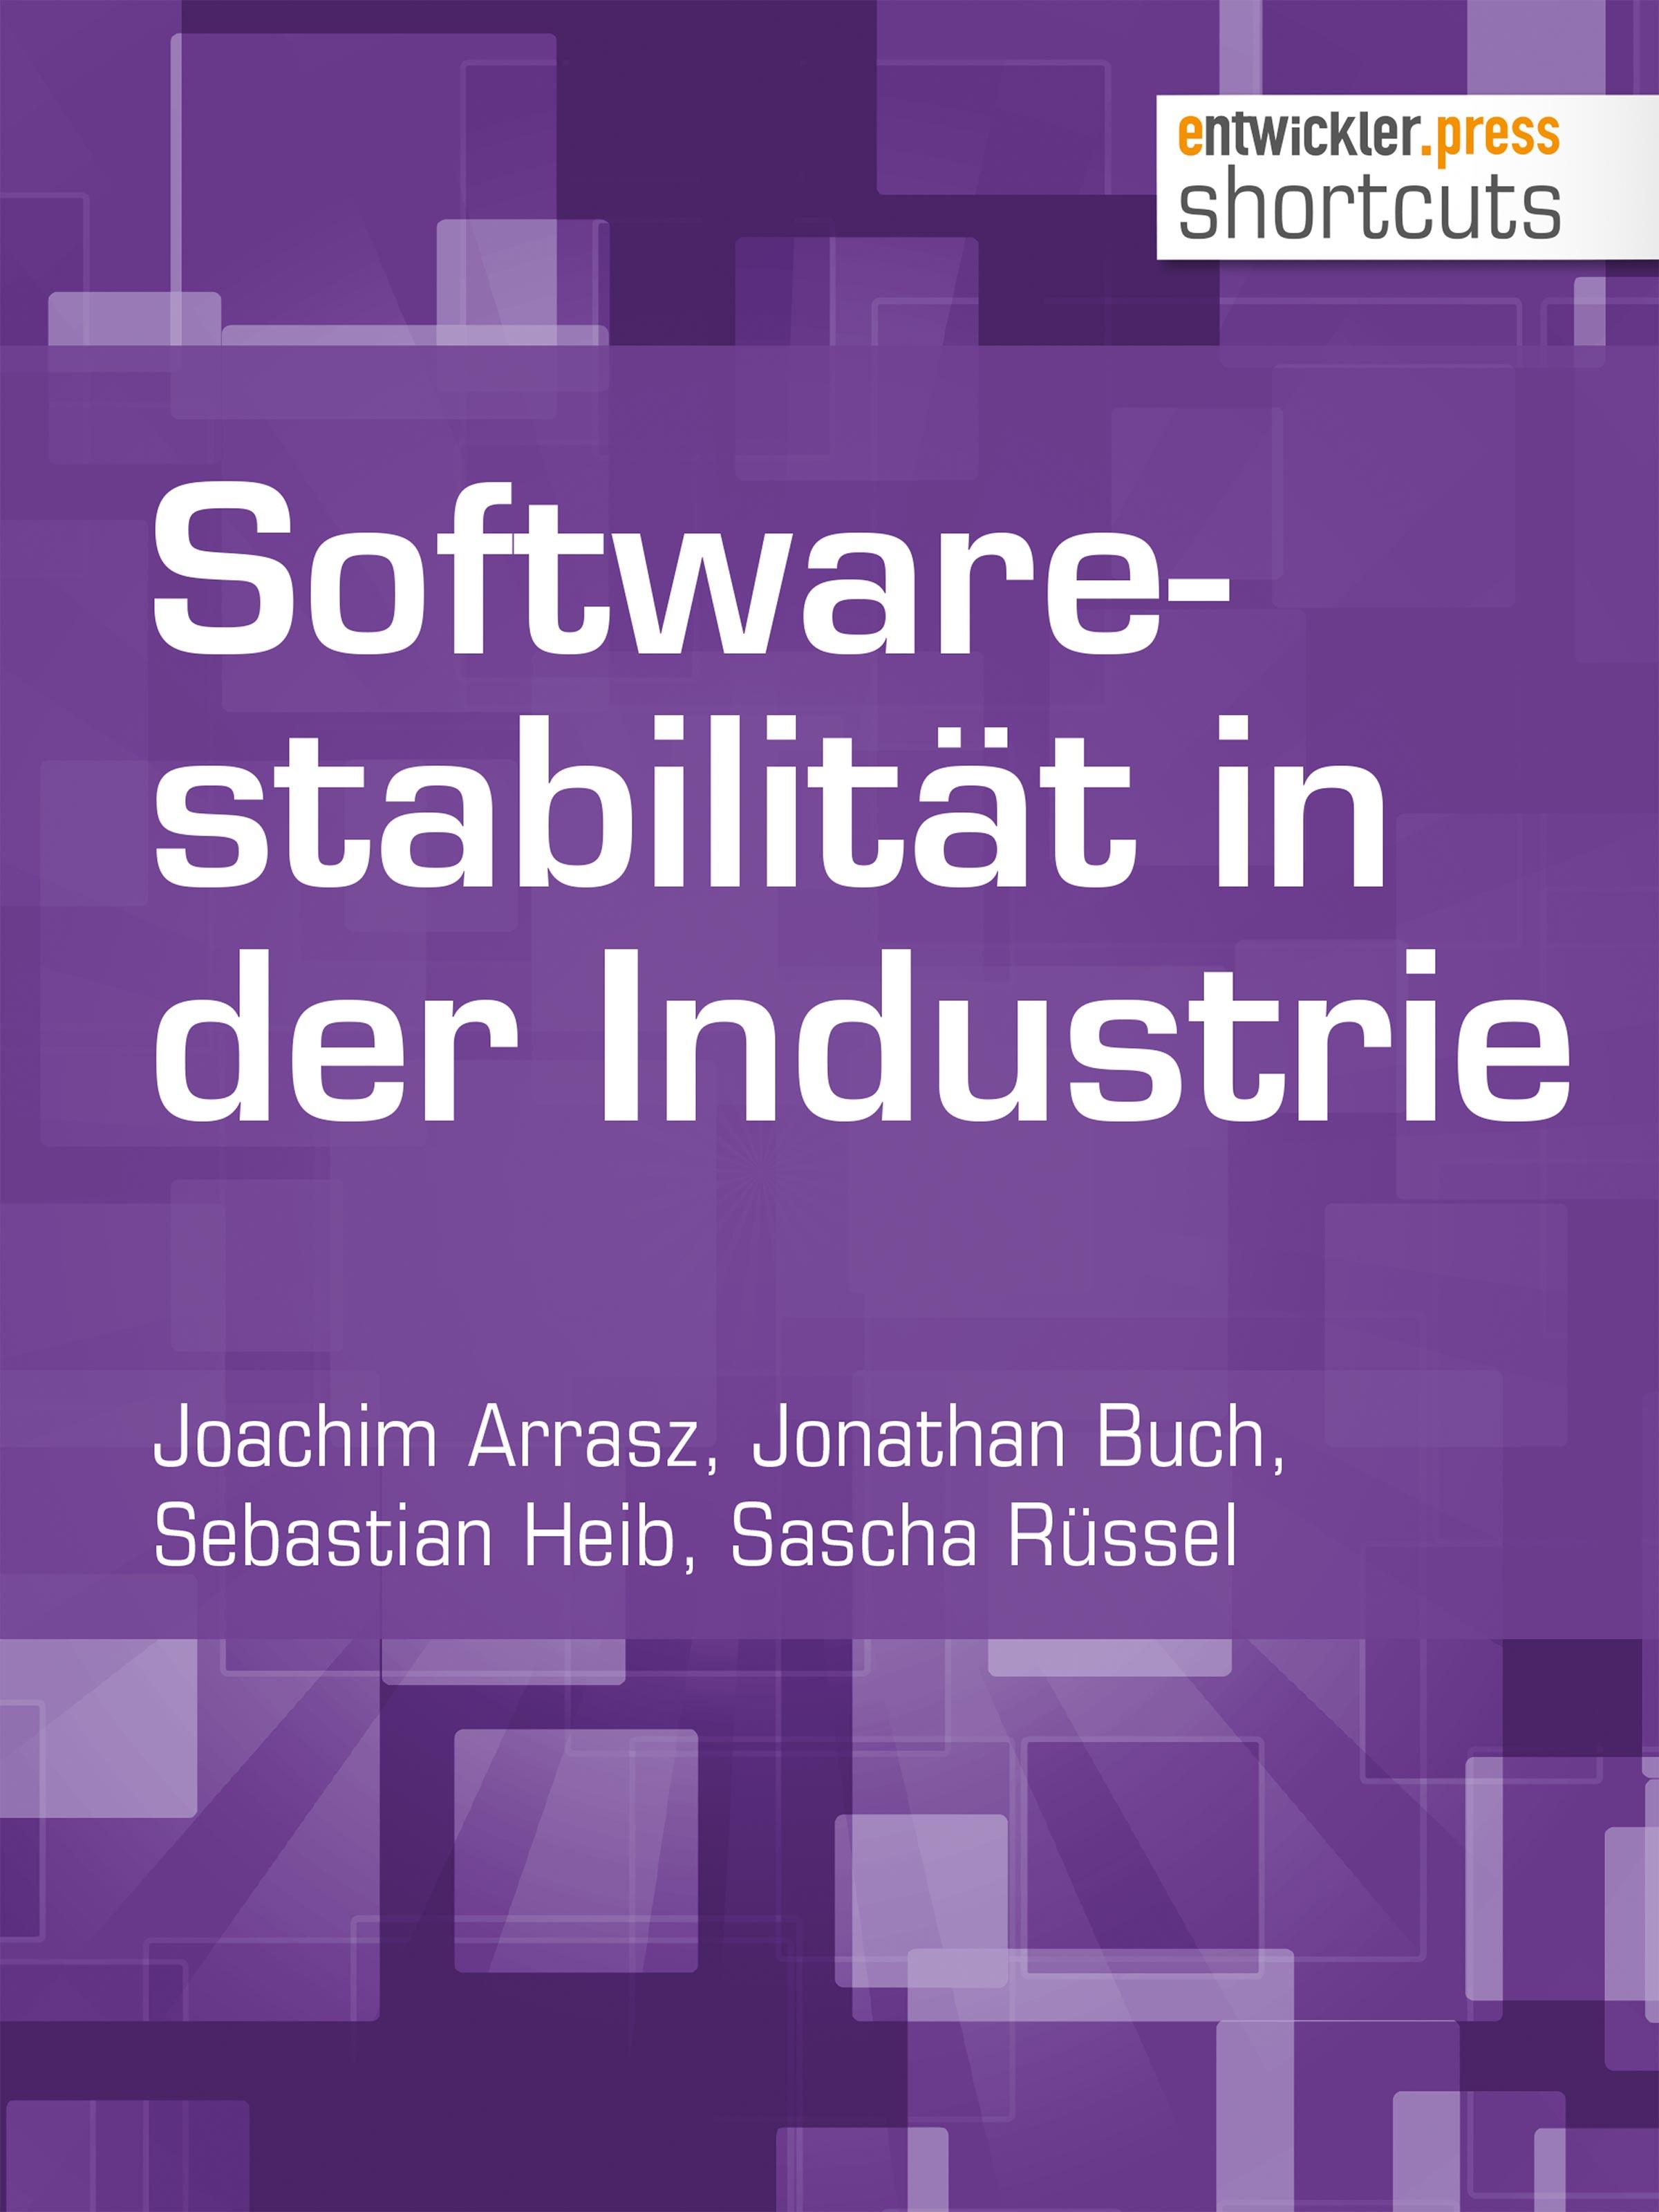 Jonathan Buch Softwarestabilität in der Industrie stefan schmid strategisches f e controlling in der pharmazeutischen industrie